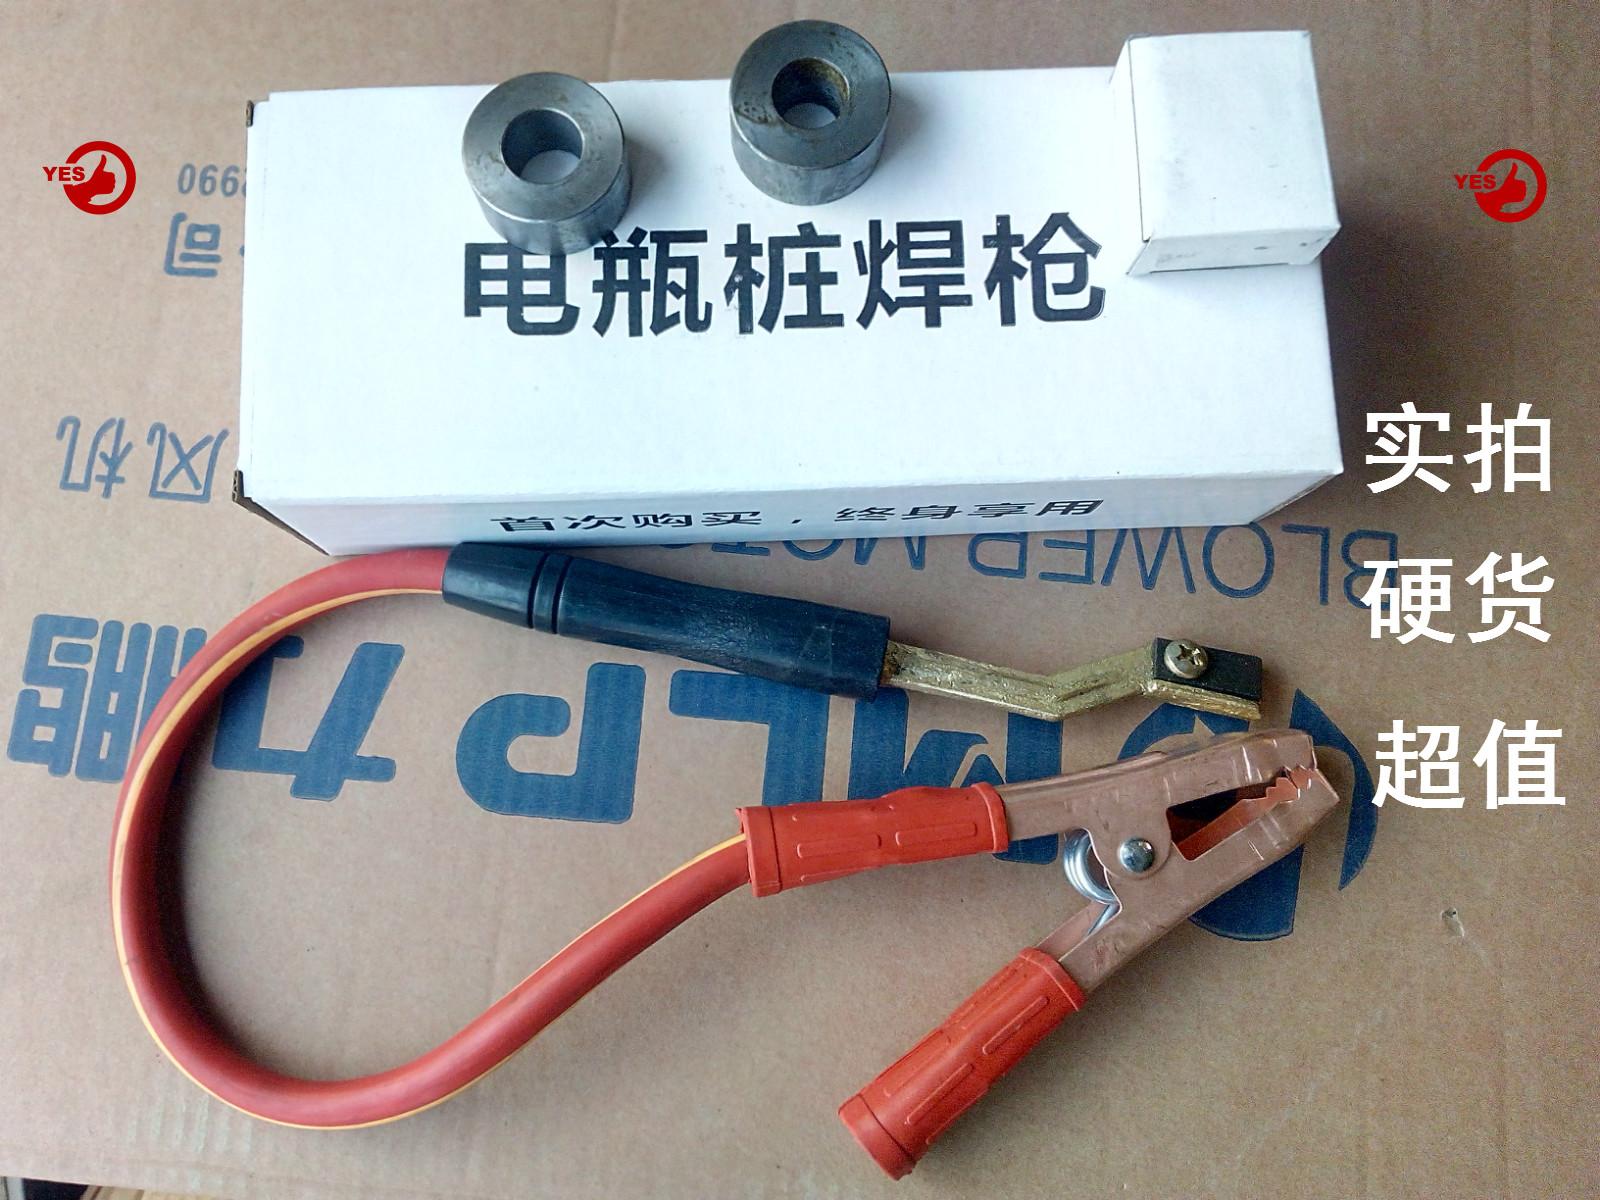 汽车电瓶接头焊接碳棒蓄电池桩头接线桩模具电瓶柱修复电瓶线焊枪